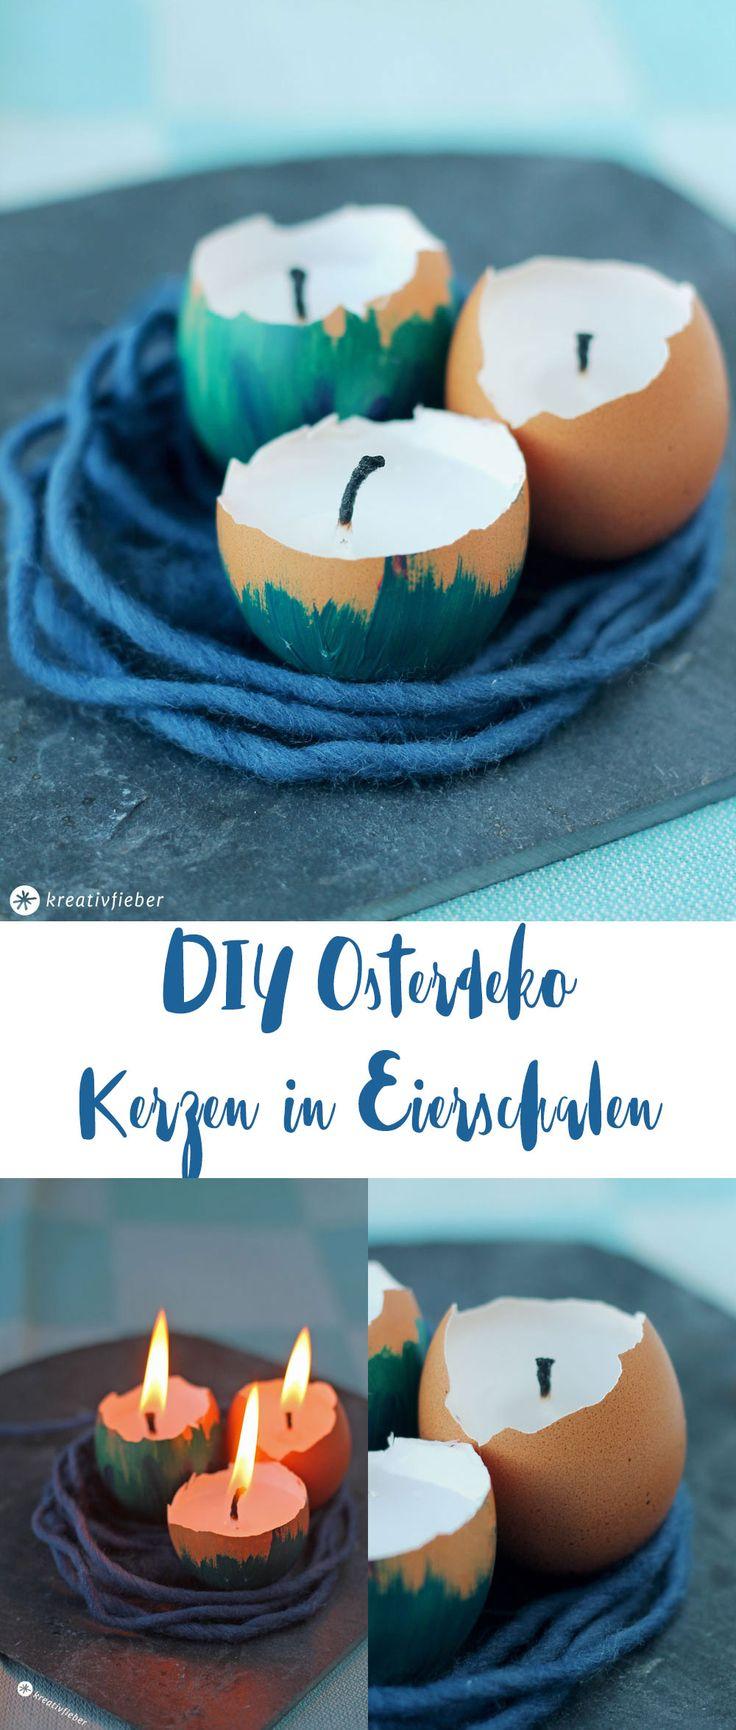 DIY Osterdeko Kerzen In Eierschalen Selbermachen Simple Idee Für Die  Ostertischdeko Zum Selbermachen